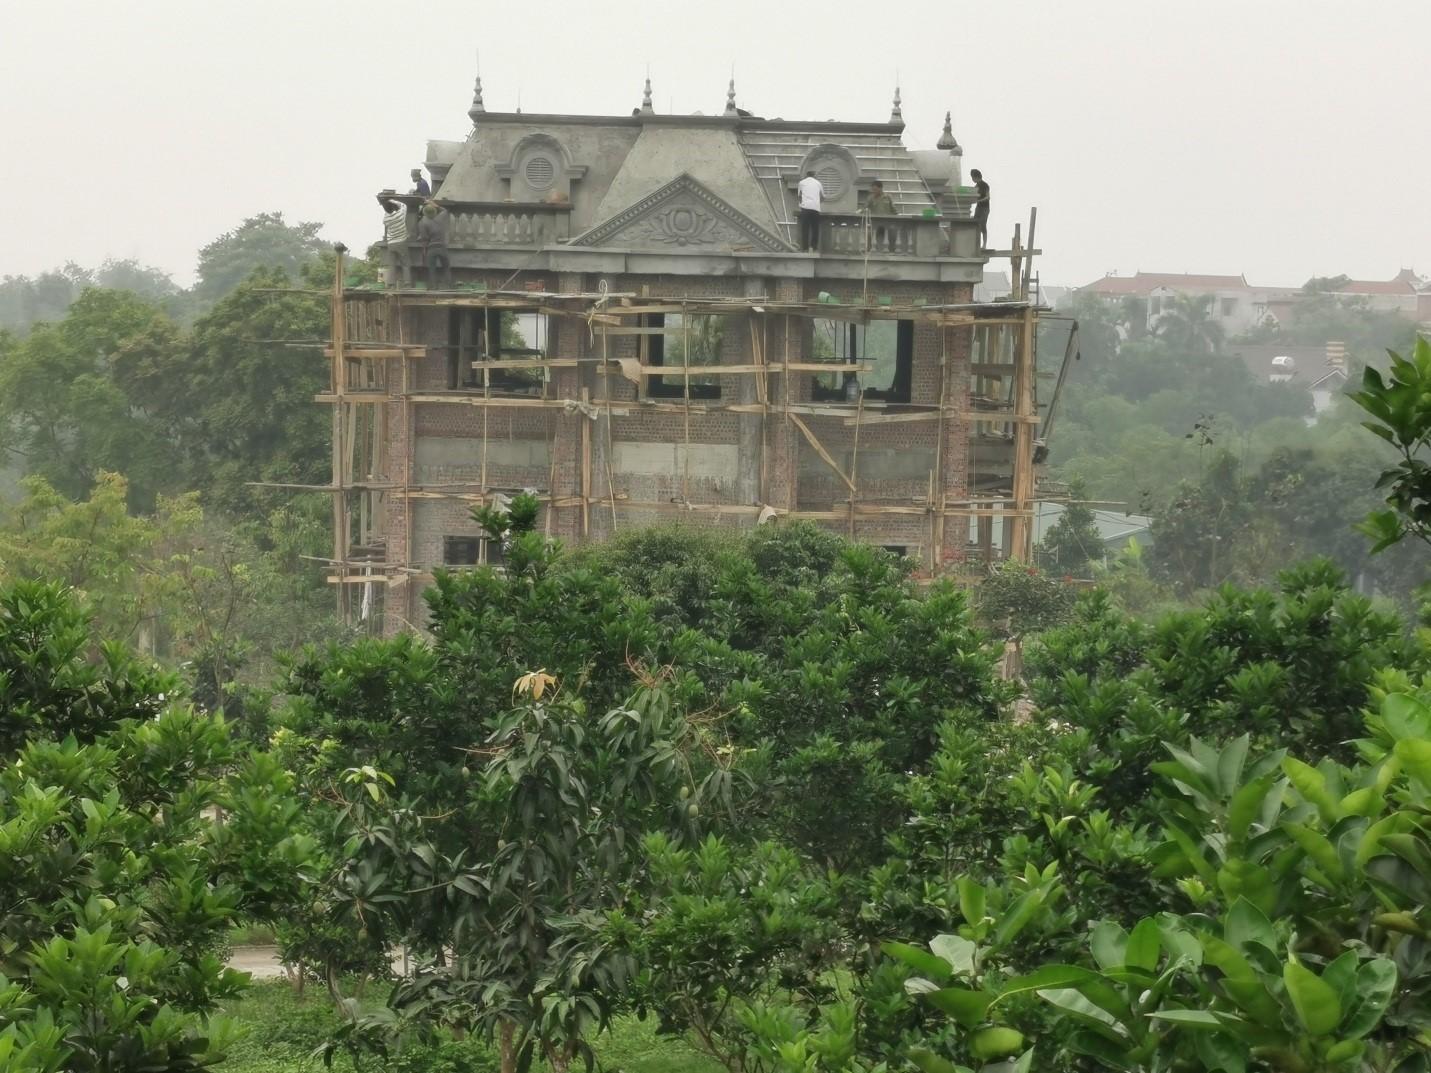 Ba Vì (Hà Nội): Hàng chục công trình khủng xây trái phép trên đồi Hoàng Long - Ảnh 1